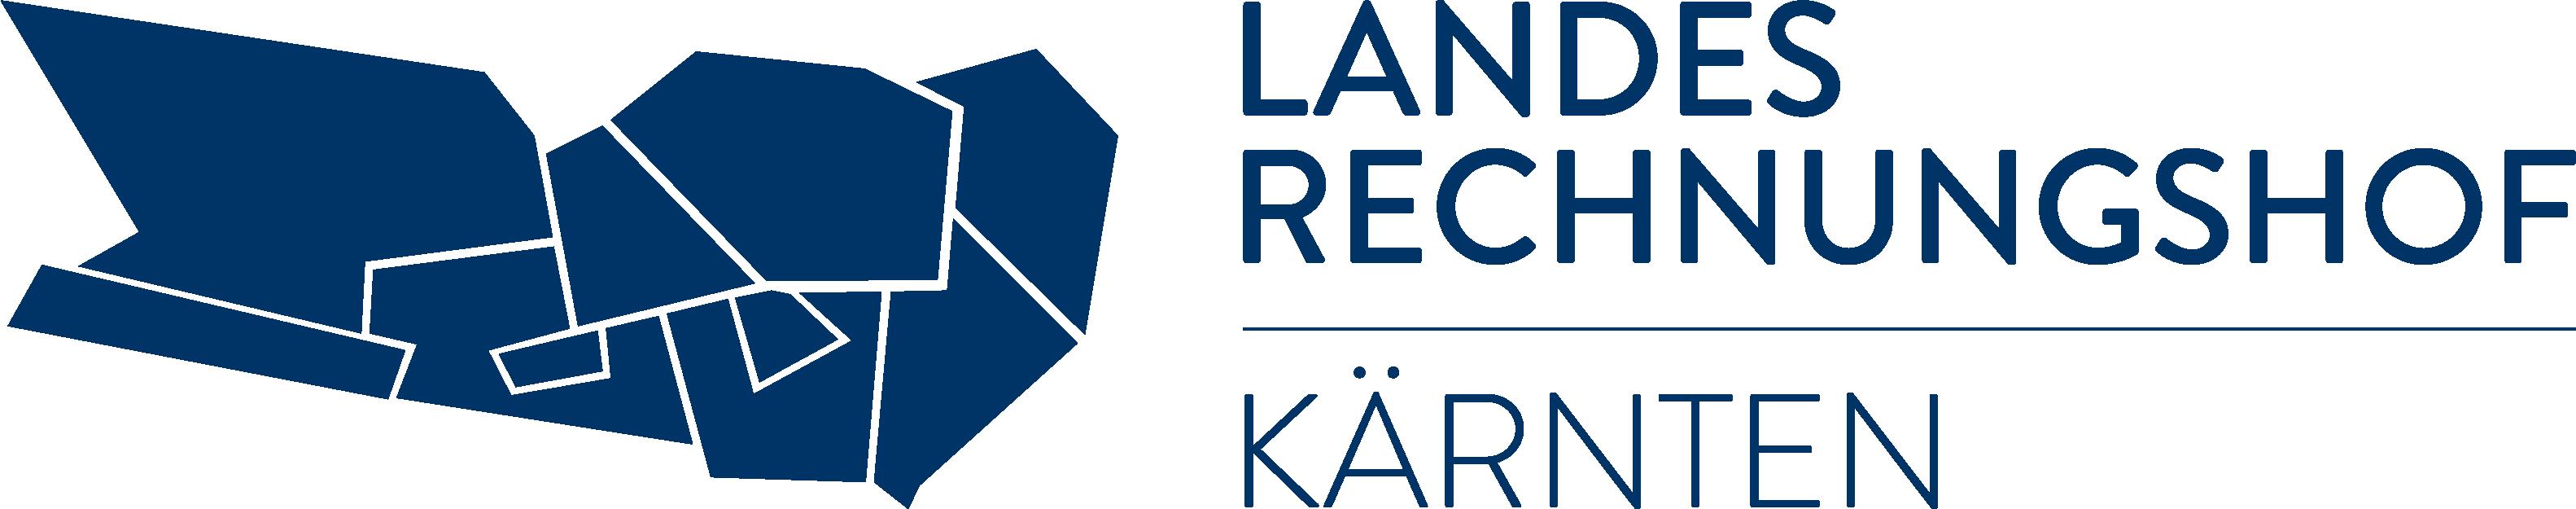 Landesrechnungshof Kärnten